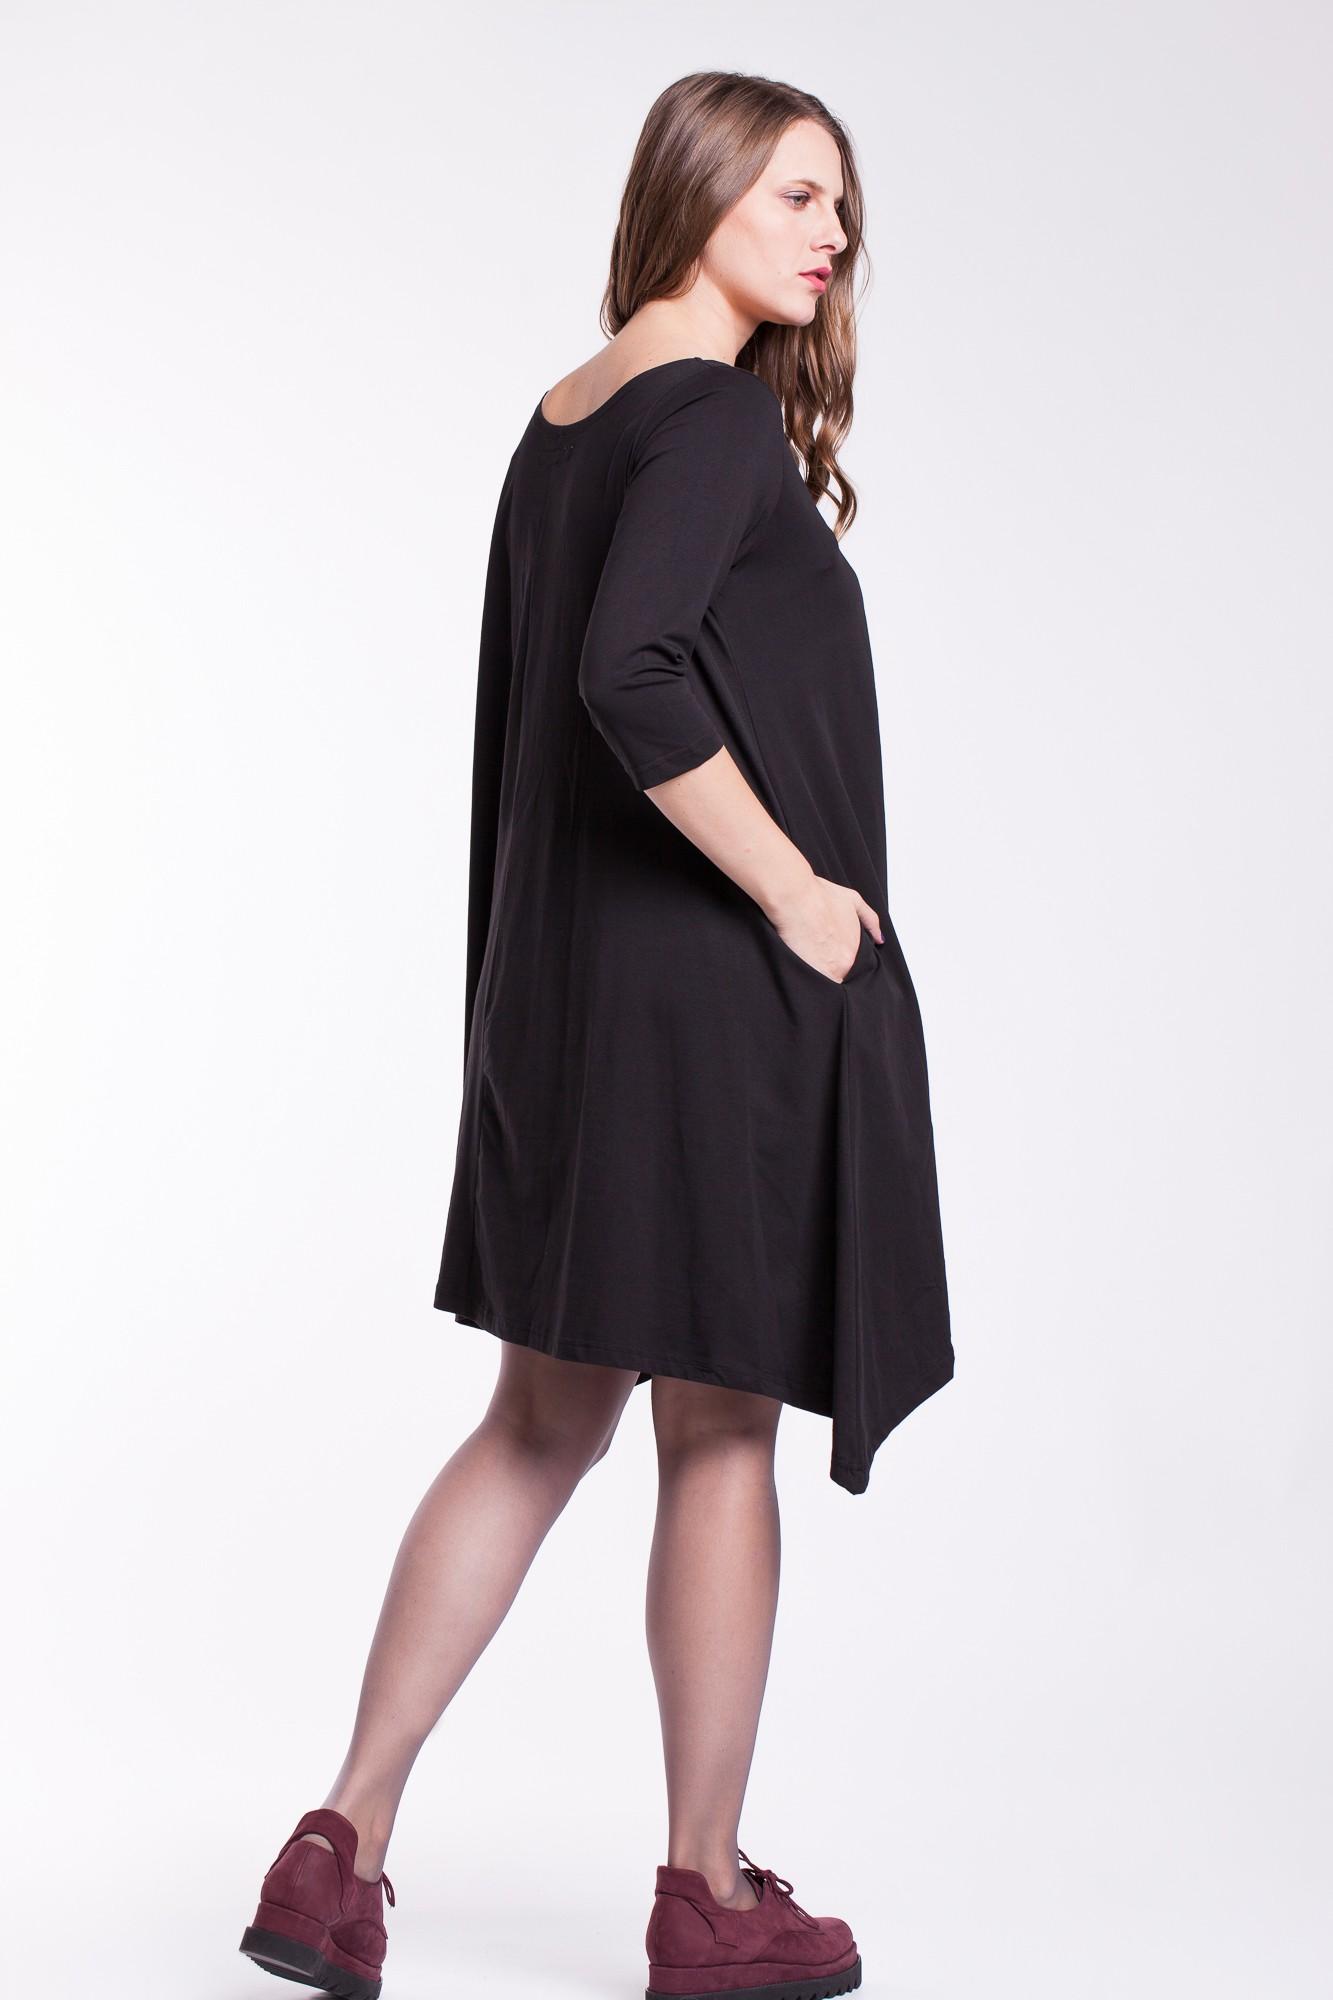 Rochie neagra asimetrica cu brad aplicat